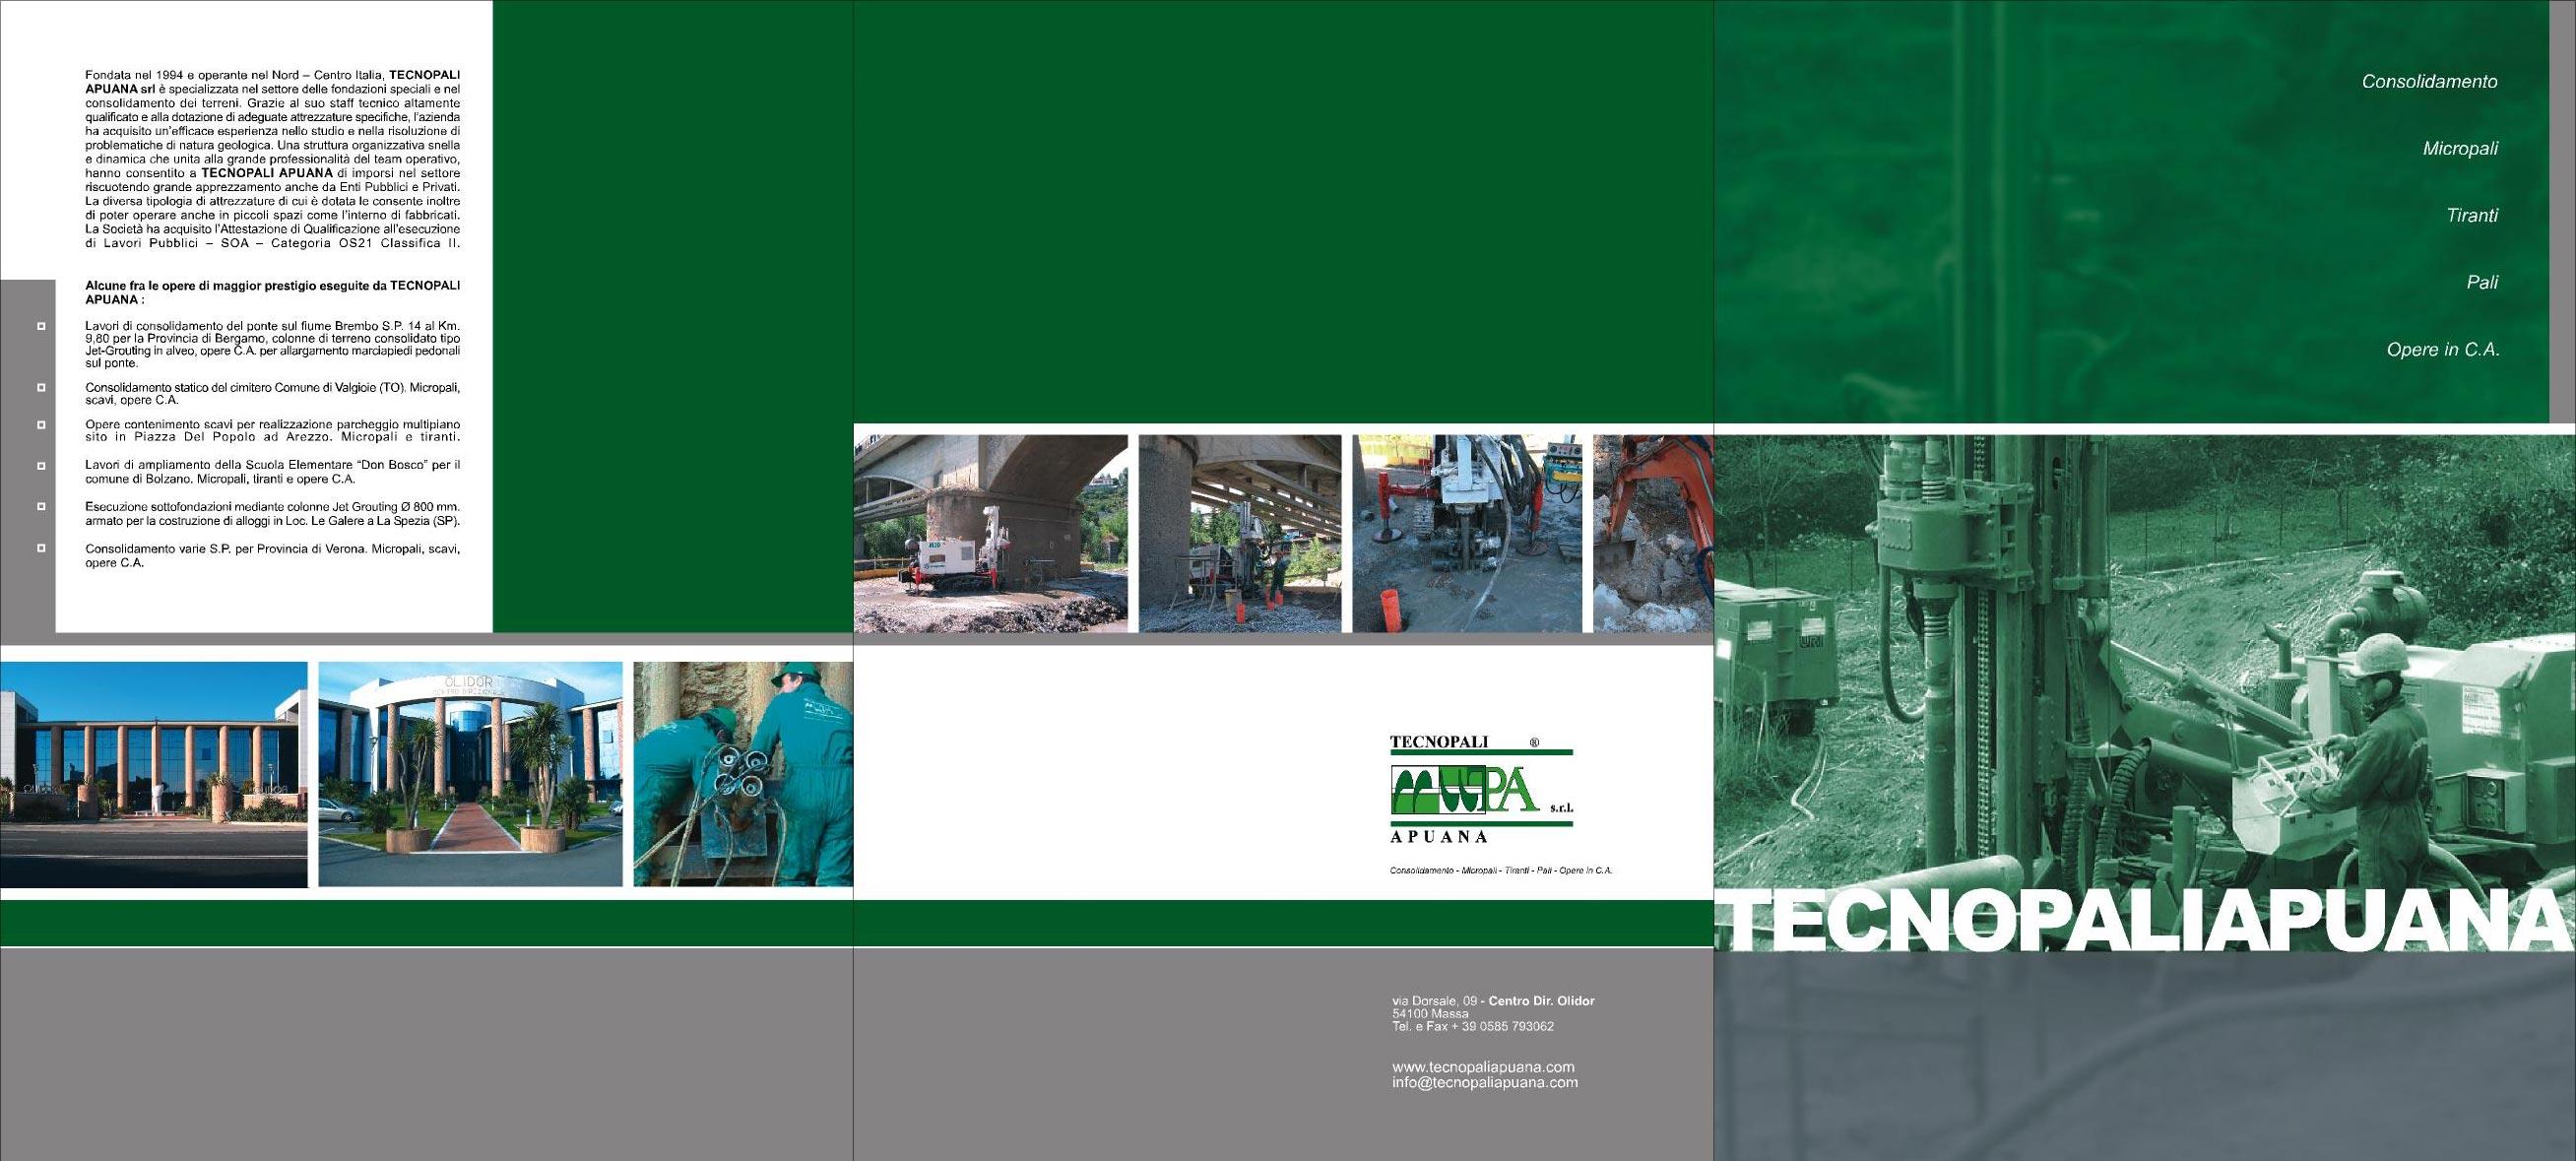 Depliant Tecnopali Apuana 2007 - Fronte